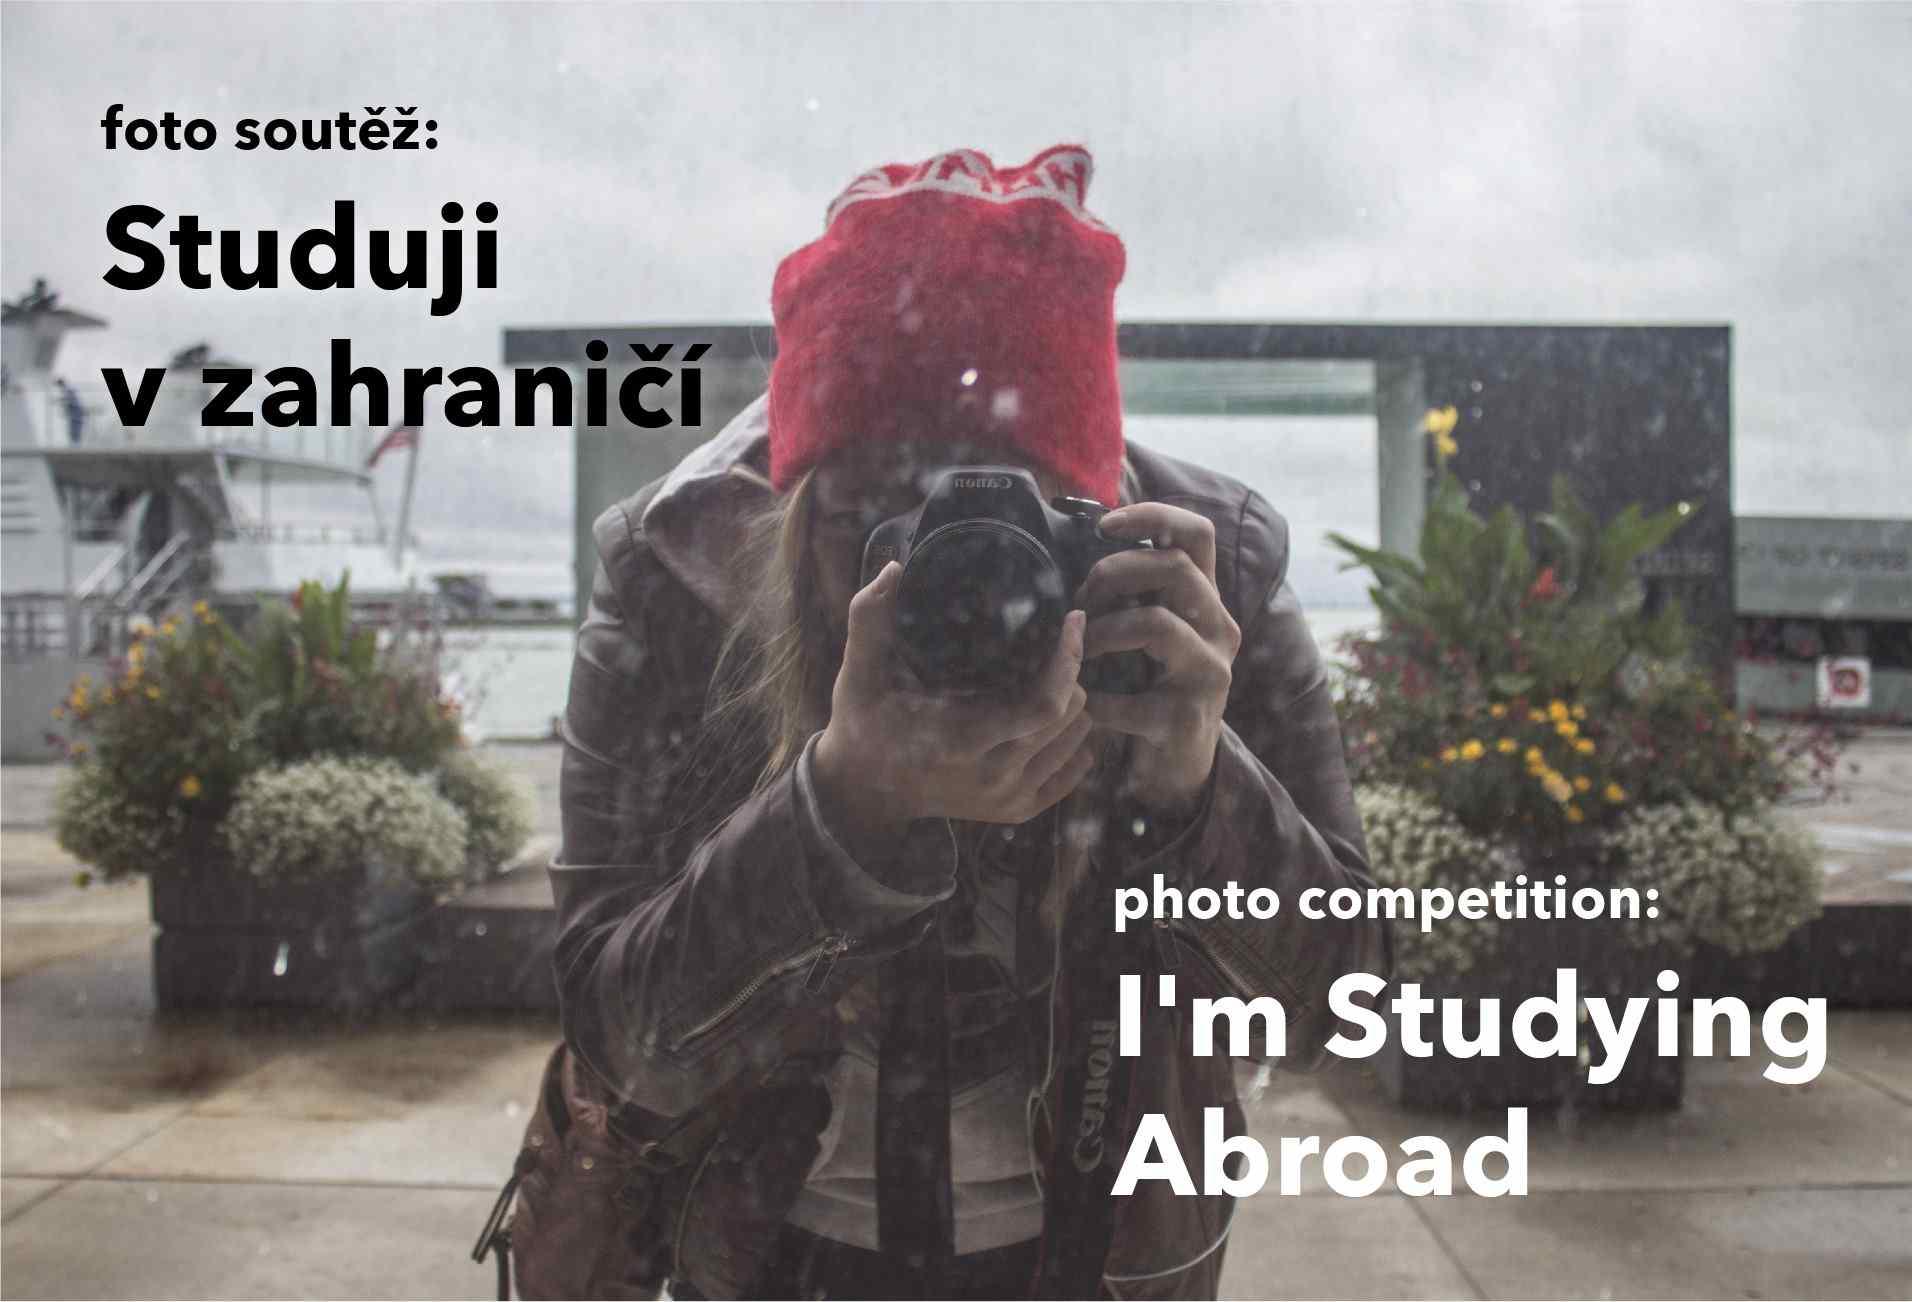 Soutěž: Studuji v zahraničí